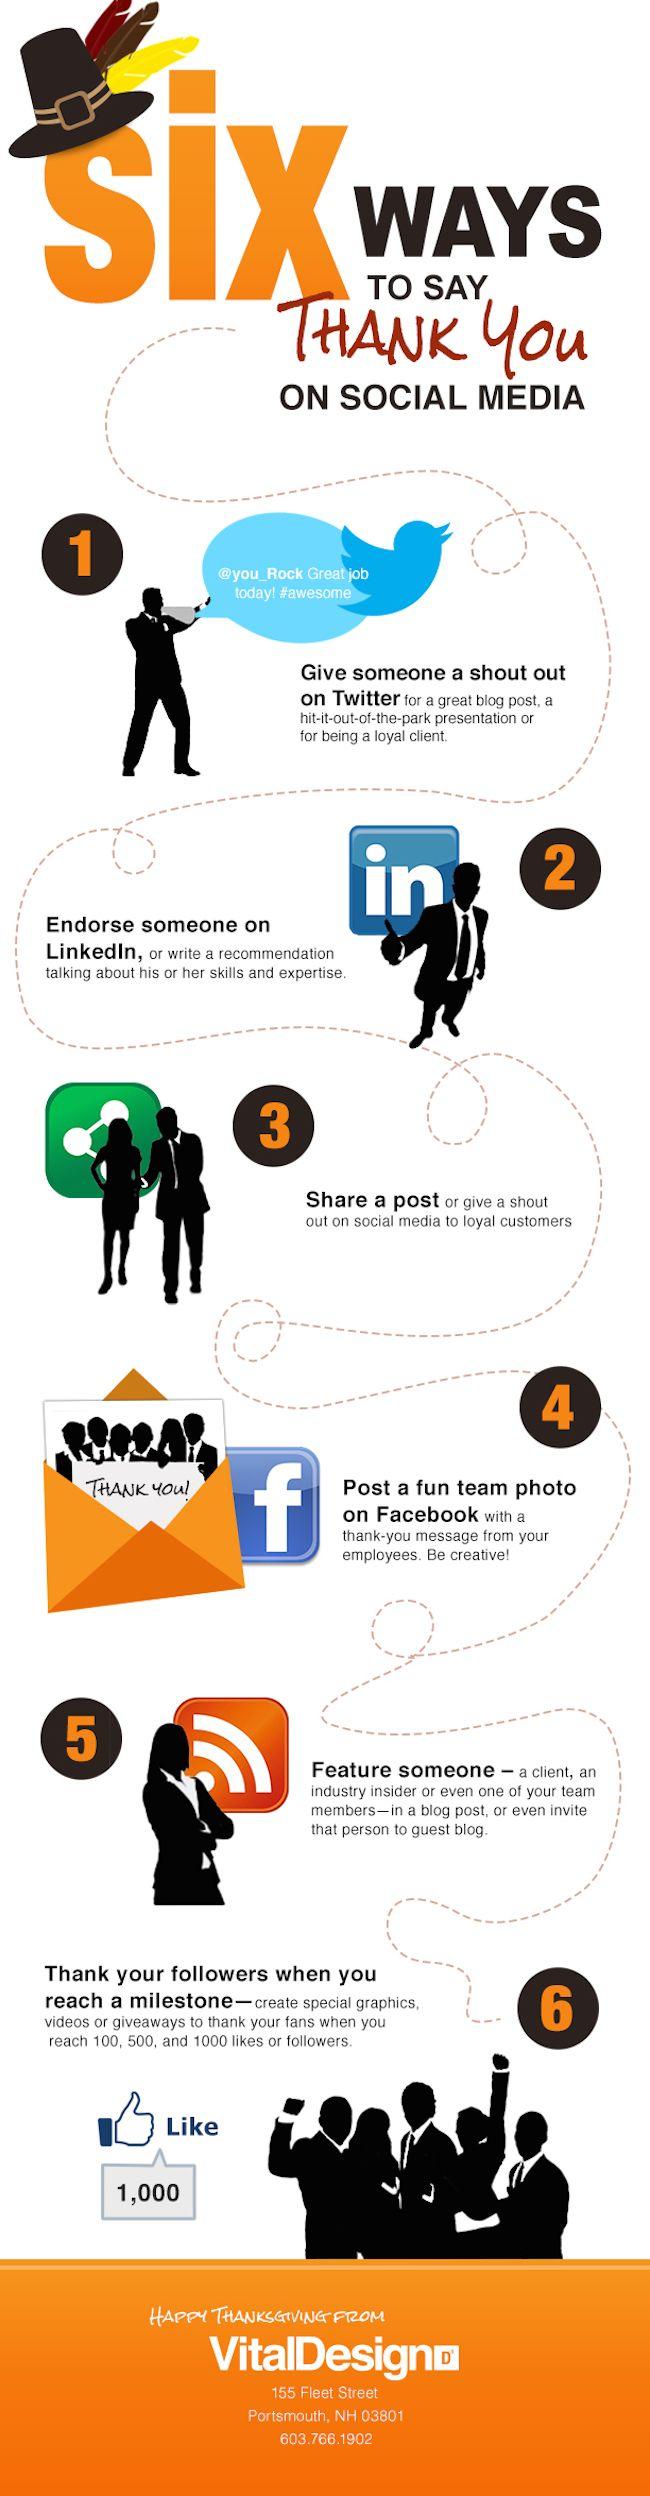 Dar las gracias en Redes Sociales